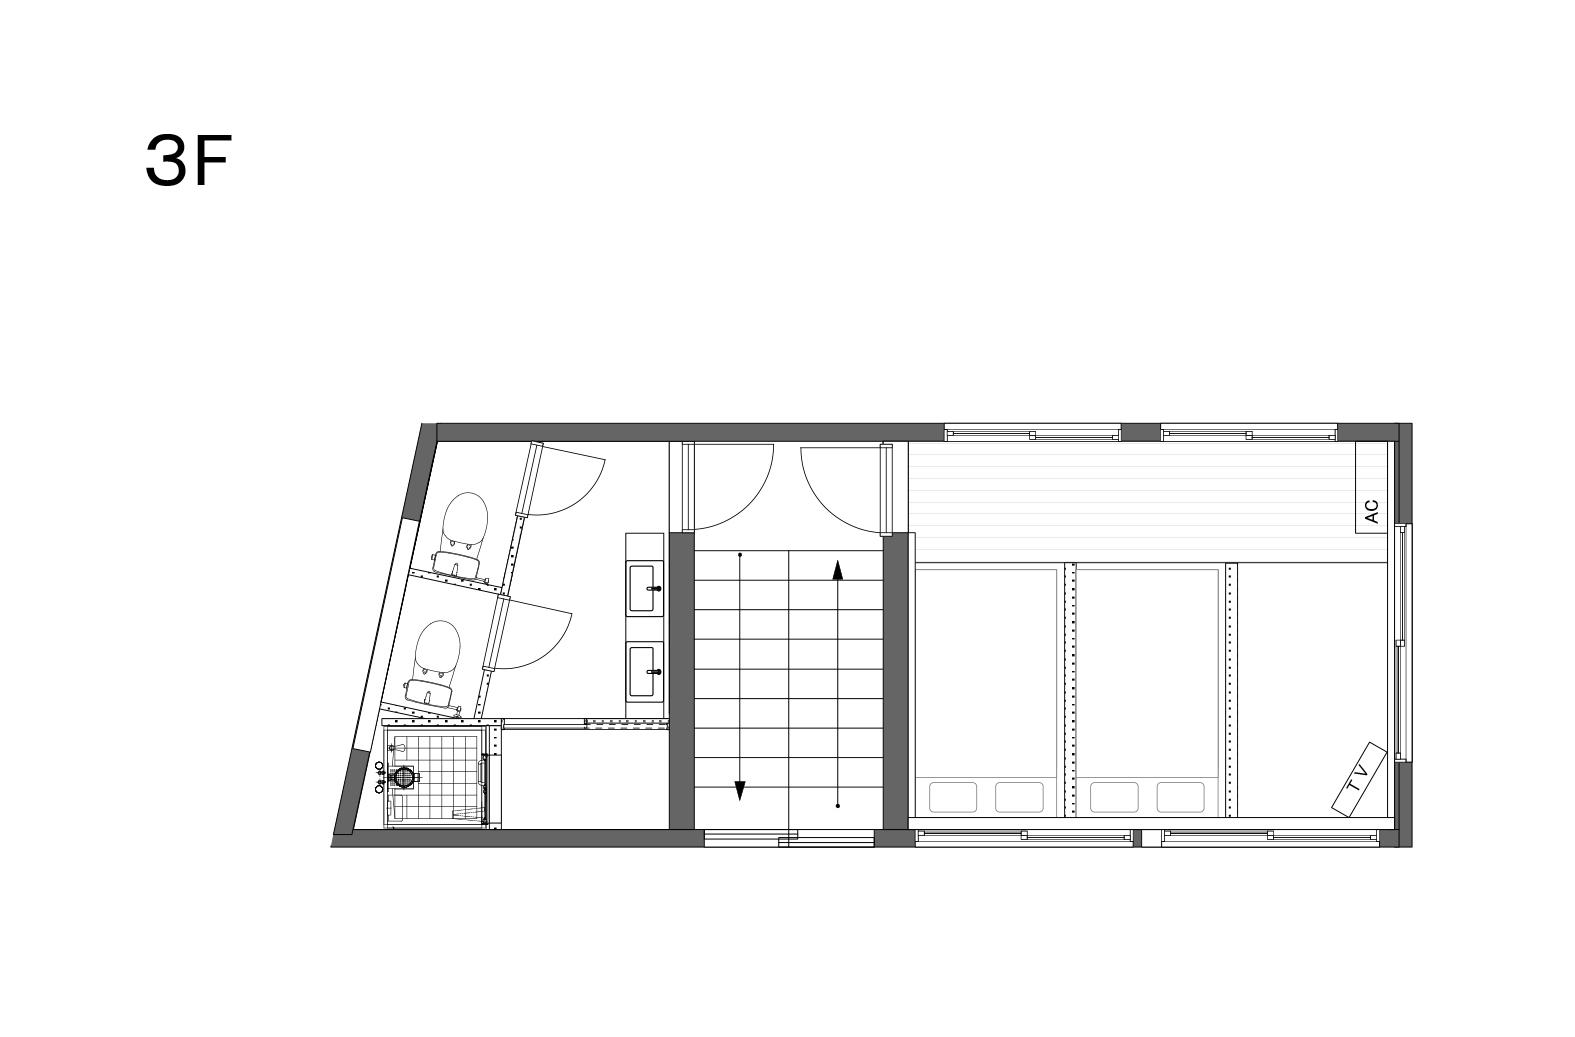 EA101淡路町_募集図_3F_190927